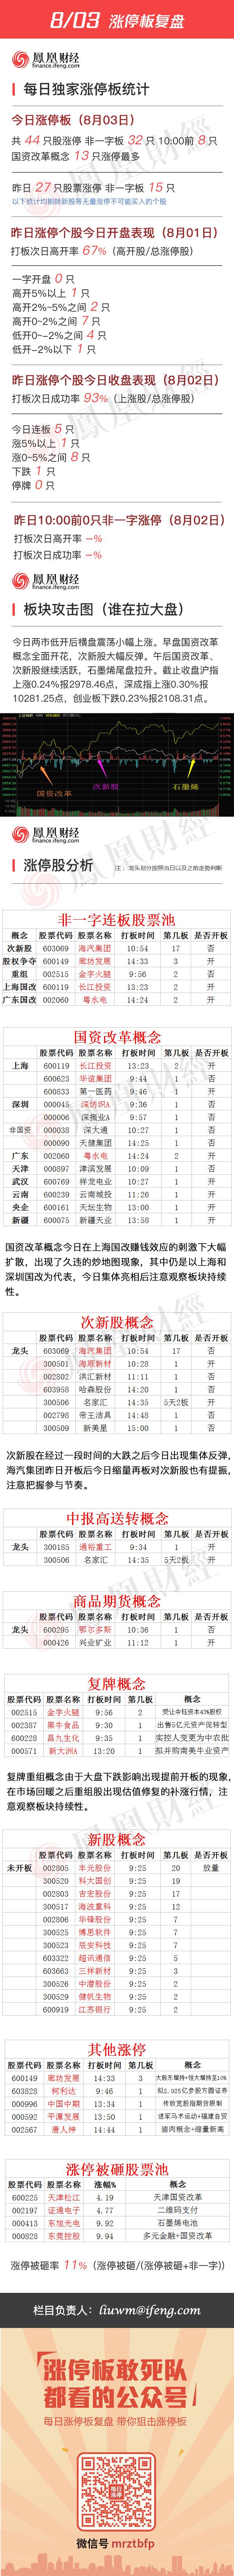 2016年8月3日涨停板复盘 - 小美 - xing1969wuw的博客